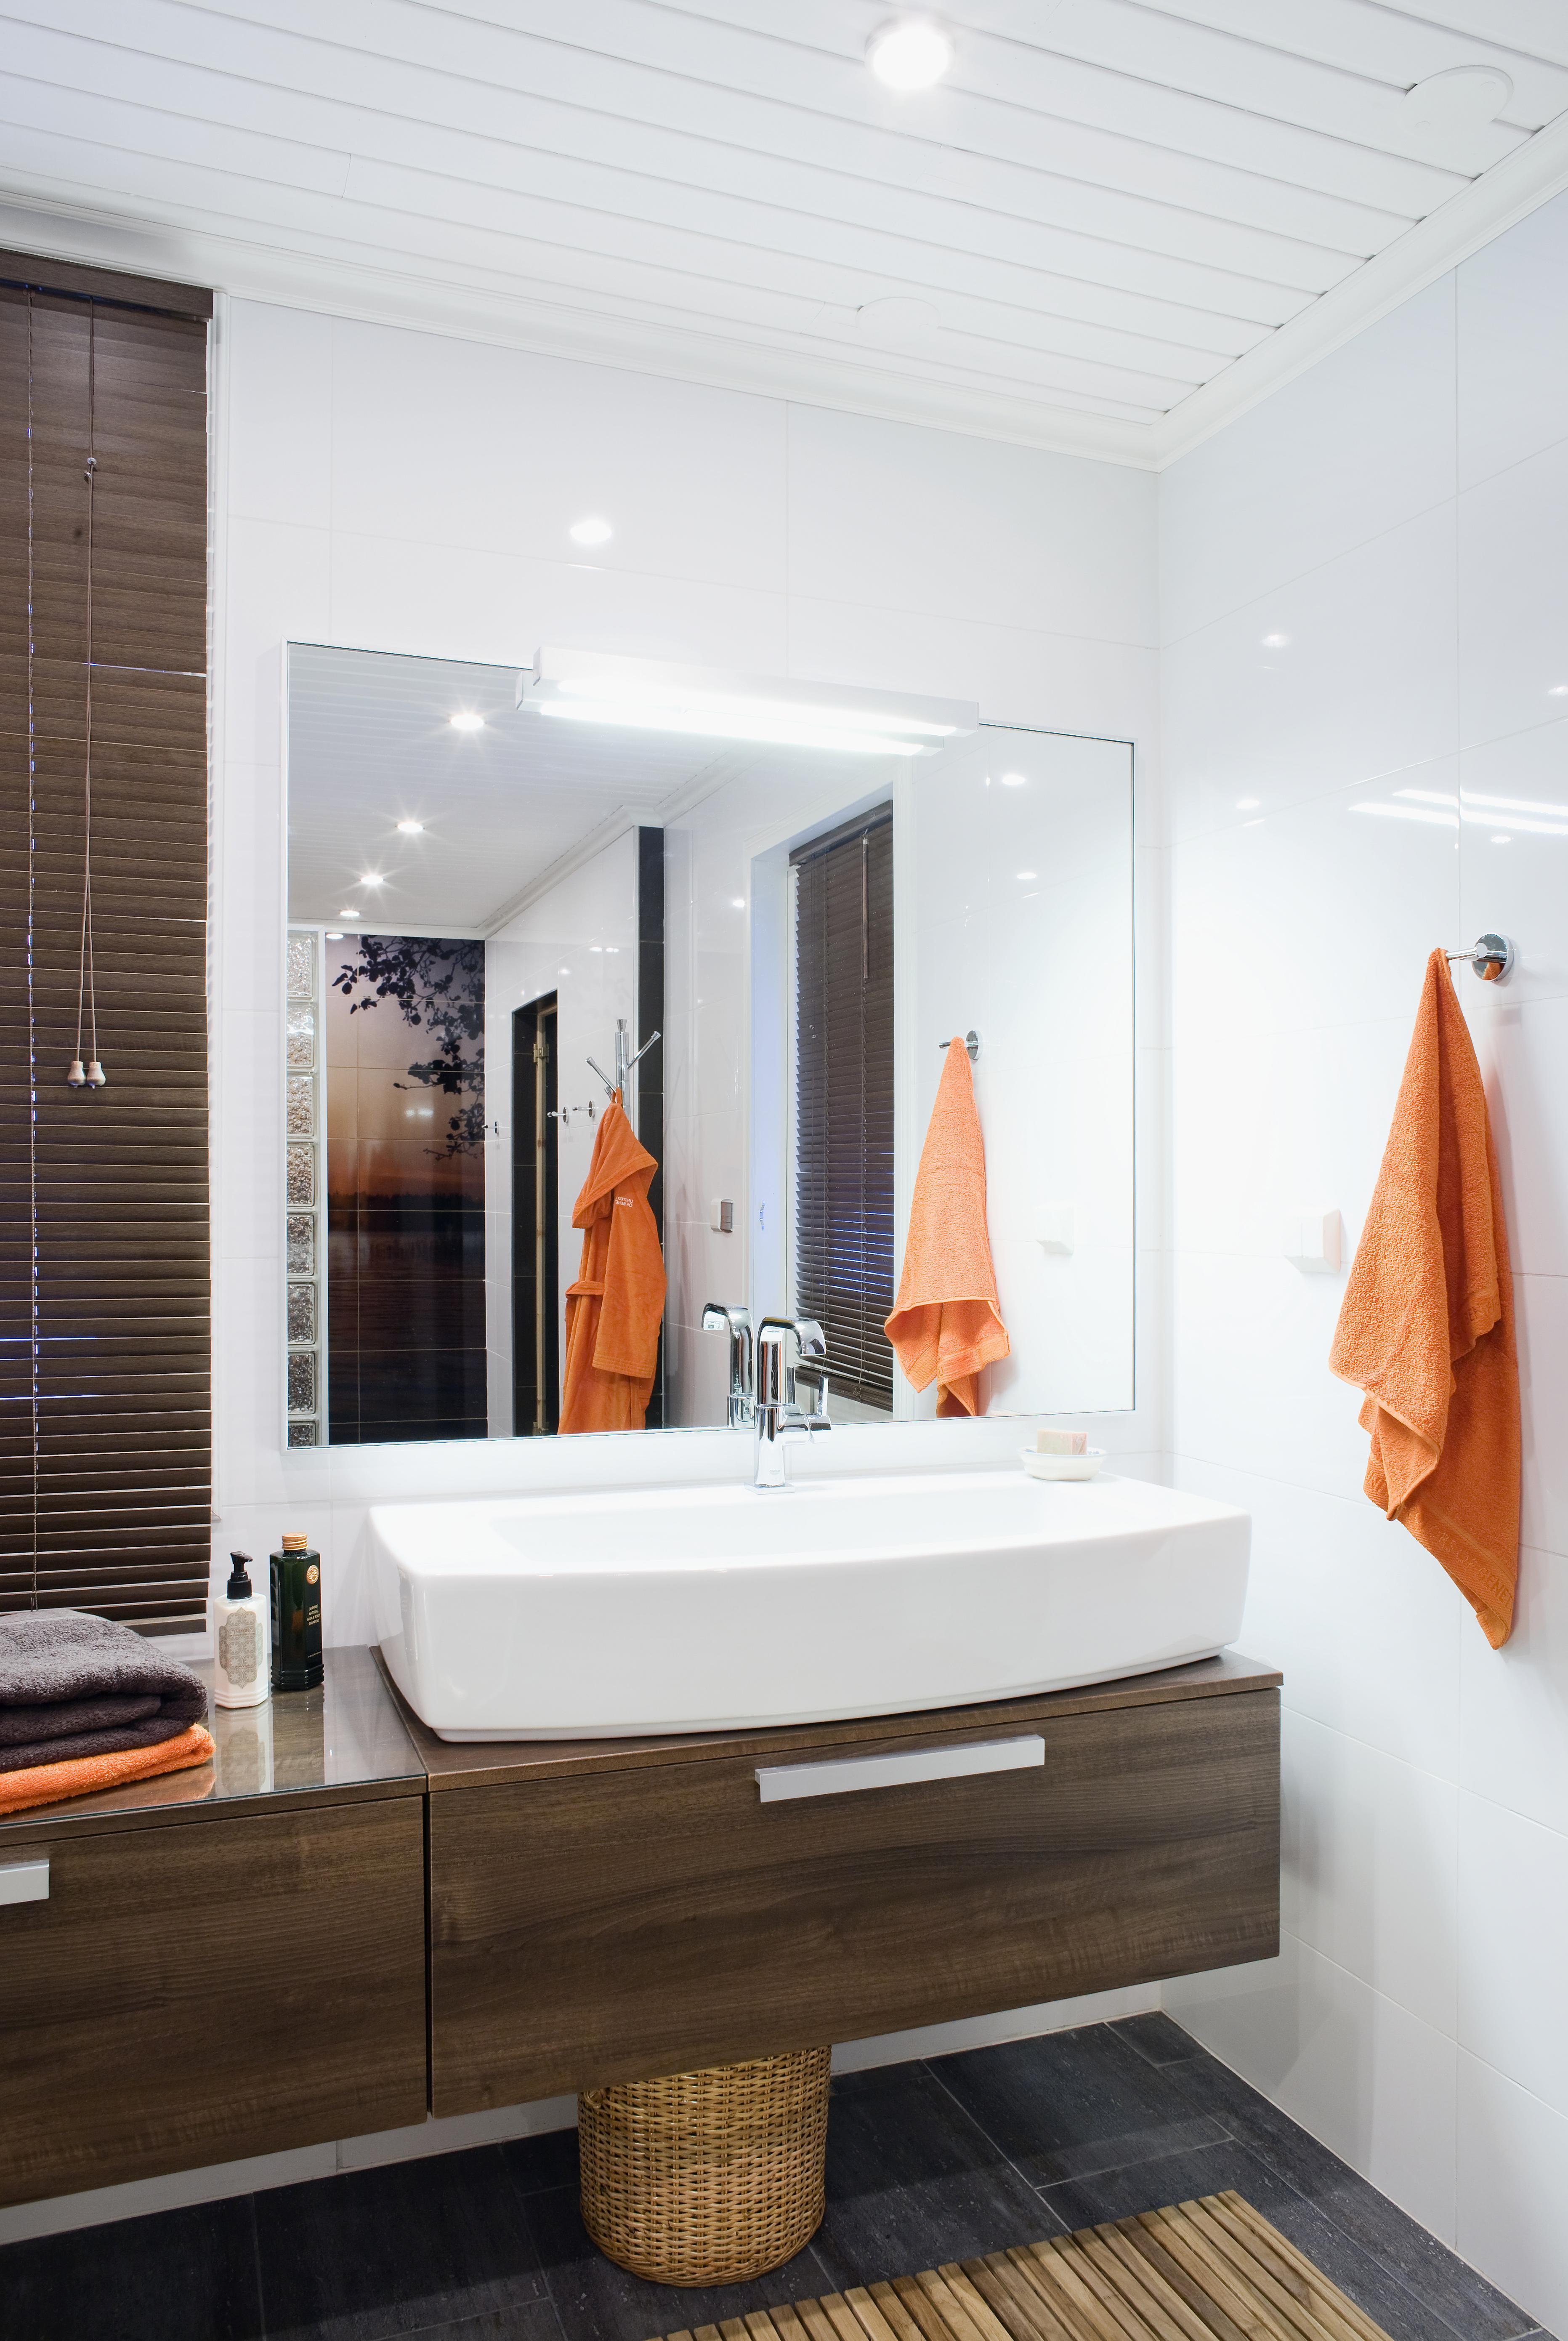 Peilinlämmitin estää peiliä höyrystymästä ja pitää sen kirkkaana. Allaskalusteet sekä peili ja valaisin Vedumin Sanity-sarjaa. Peilinlämmitin Ebecon.